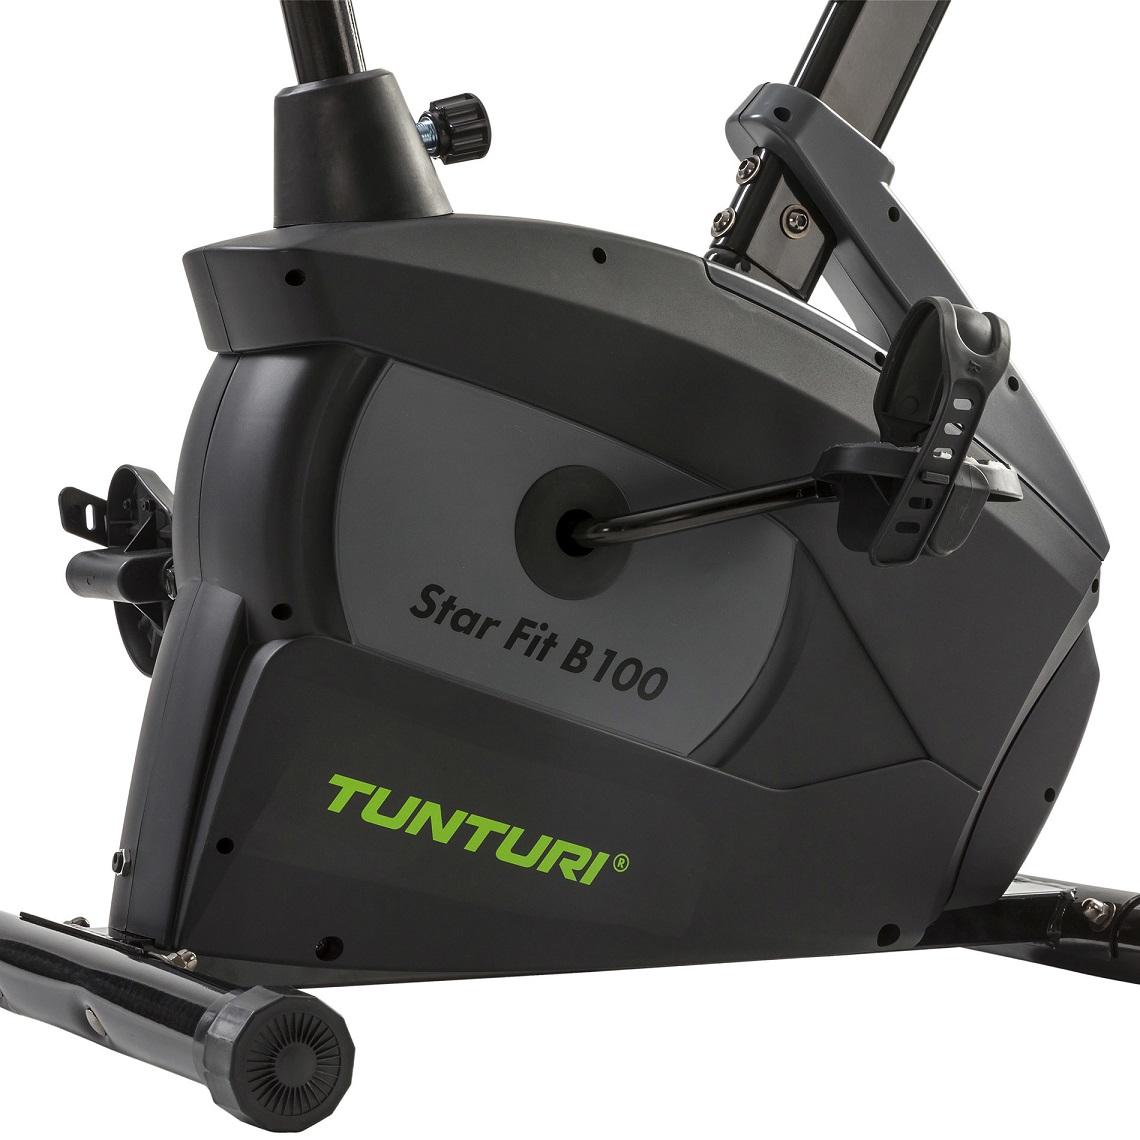 Rotoped Tunturi Star Fit B100 miskový šlapací střed